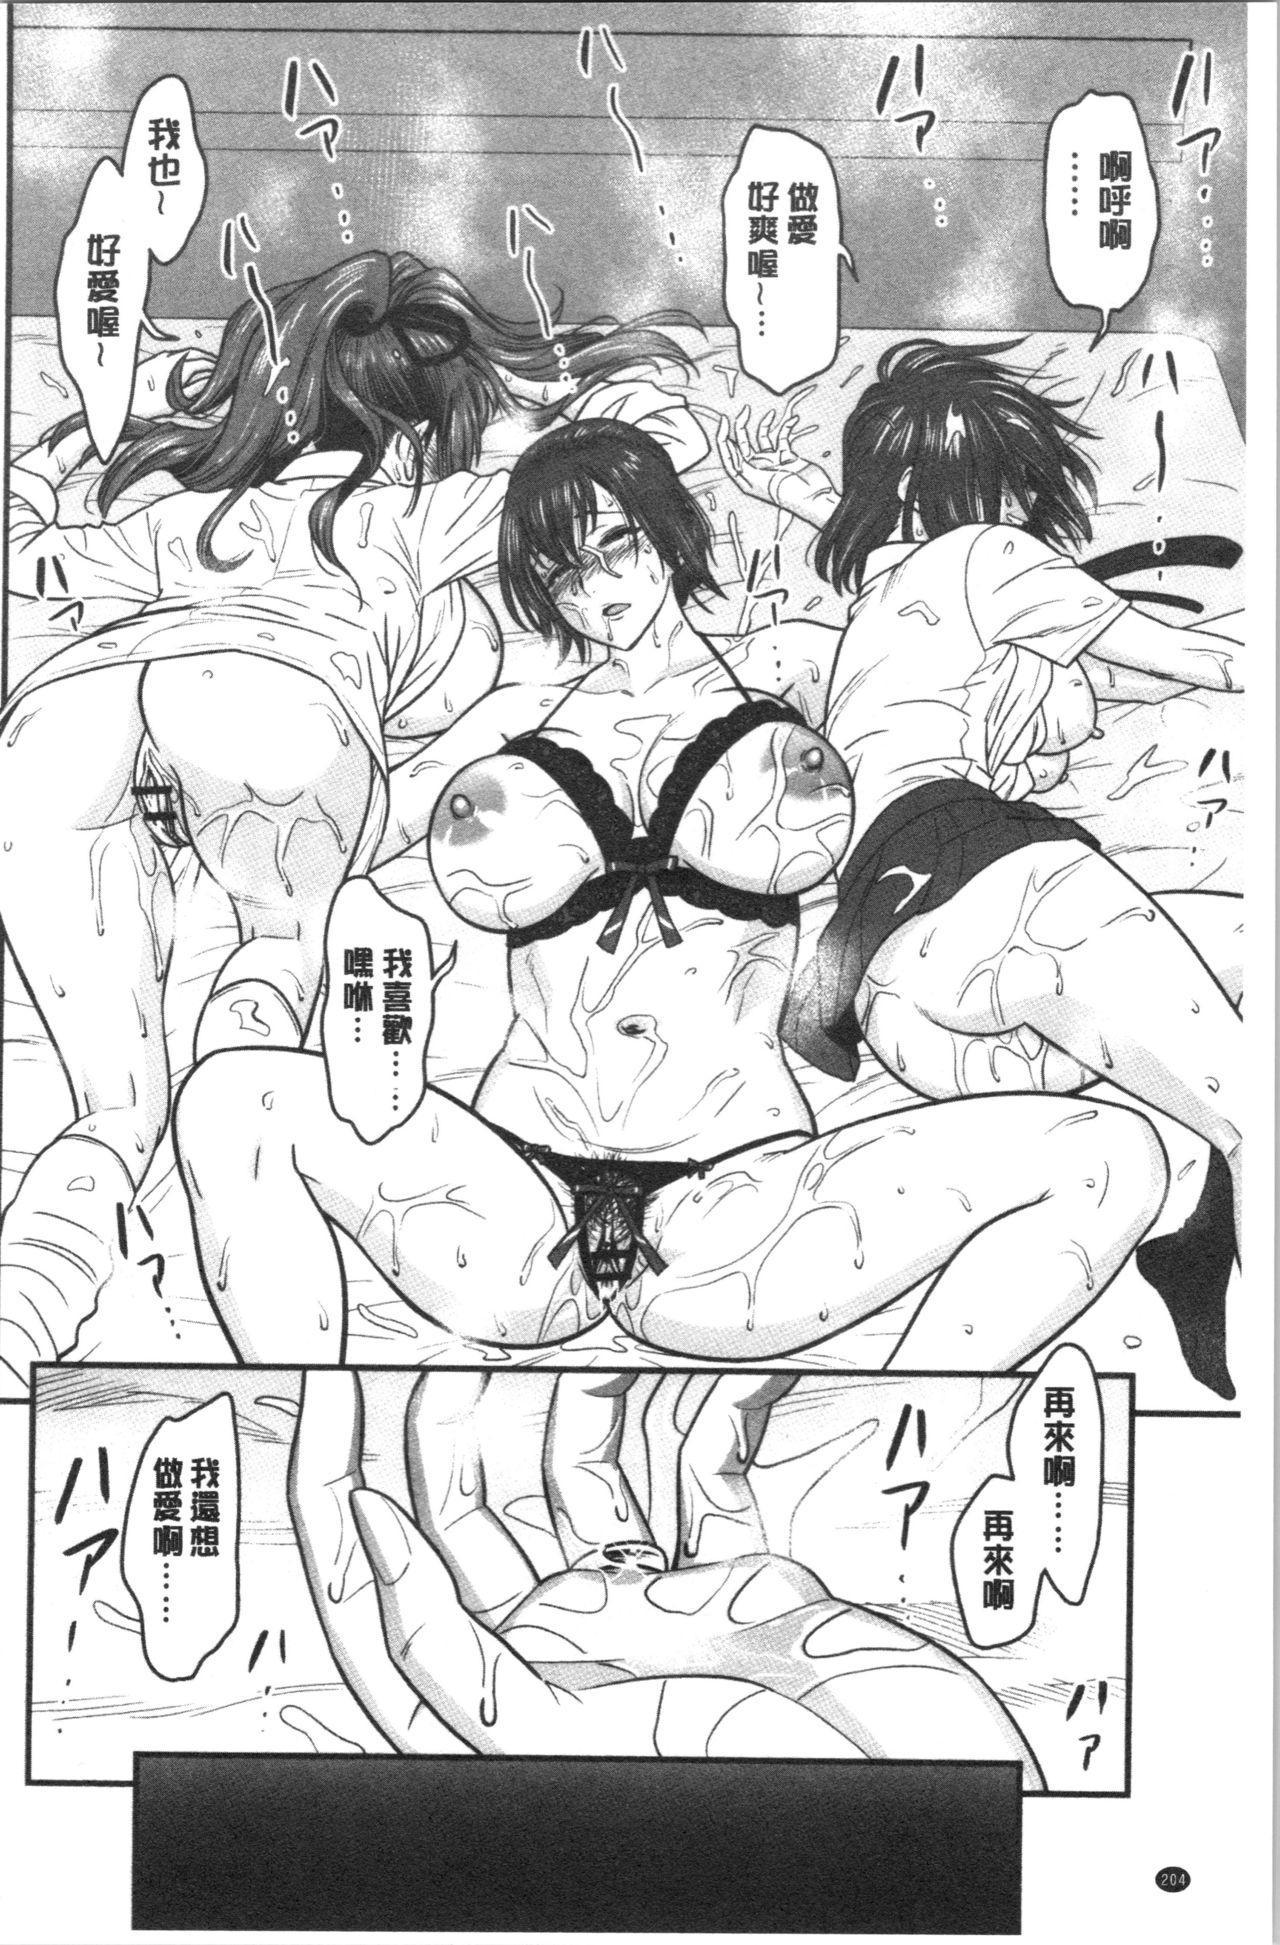 [Tatsunami Youtoku] Dankon Sousai -Hitozuma Kyoushi ga Netorareru made no Kiroku- | 男根想妻 -人妻女教師被寢取偷吃為止的記錄- [Chinese] 206